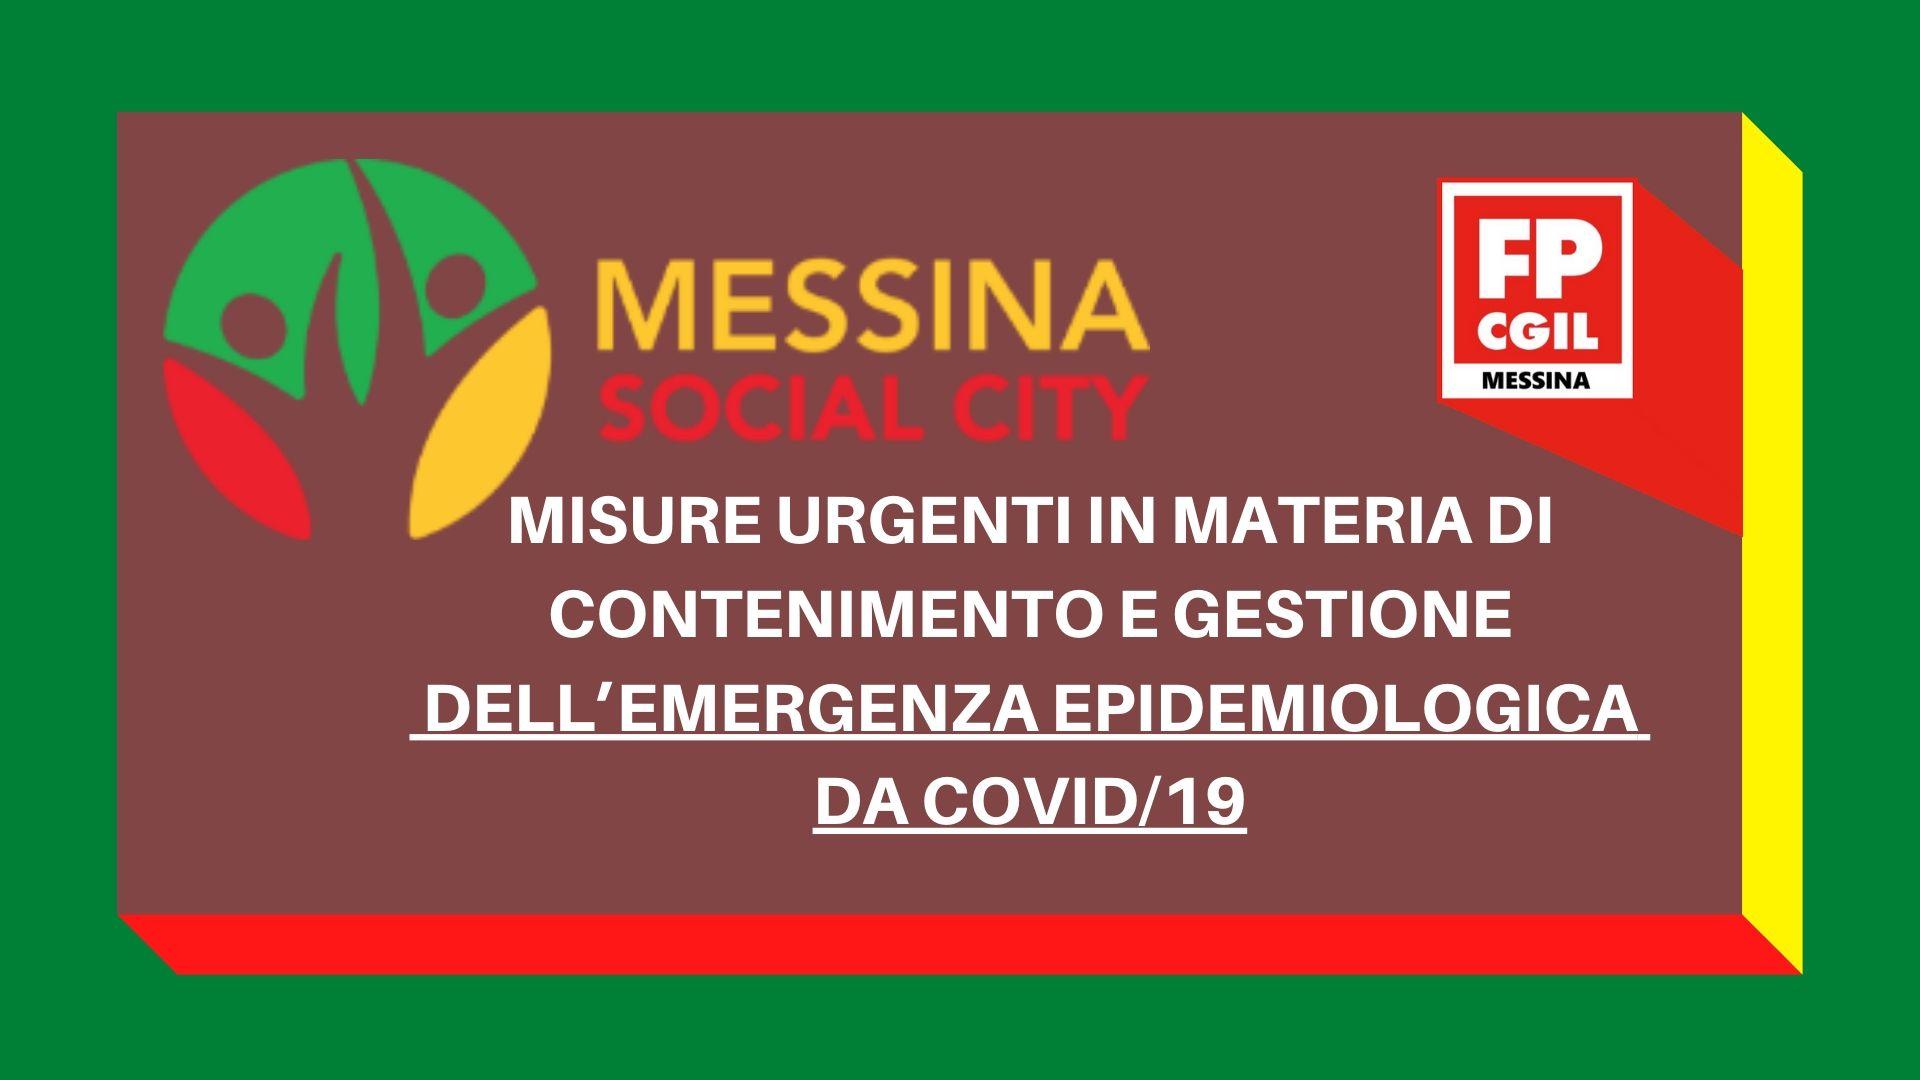 Azienda Messina Social City: Misure urgenti in materia di contenimento e gestione dell'emergenza epidemiologica da COVID19.